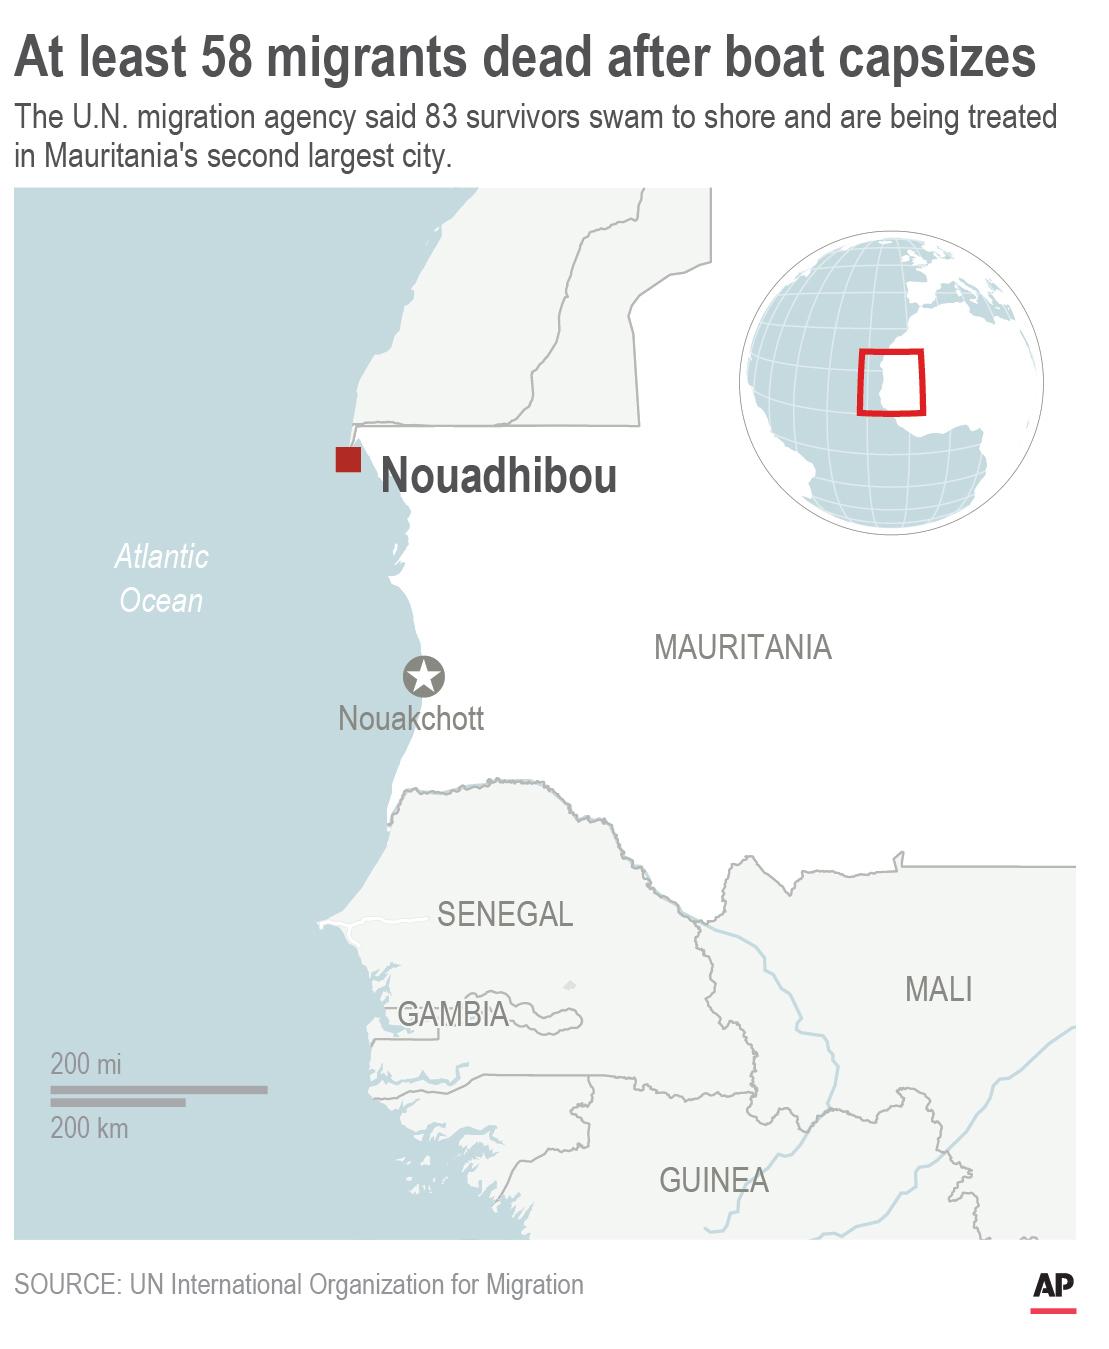 Mauritania Migrant Ship Capsizes